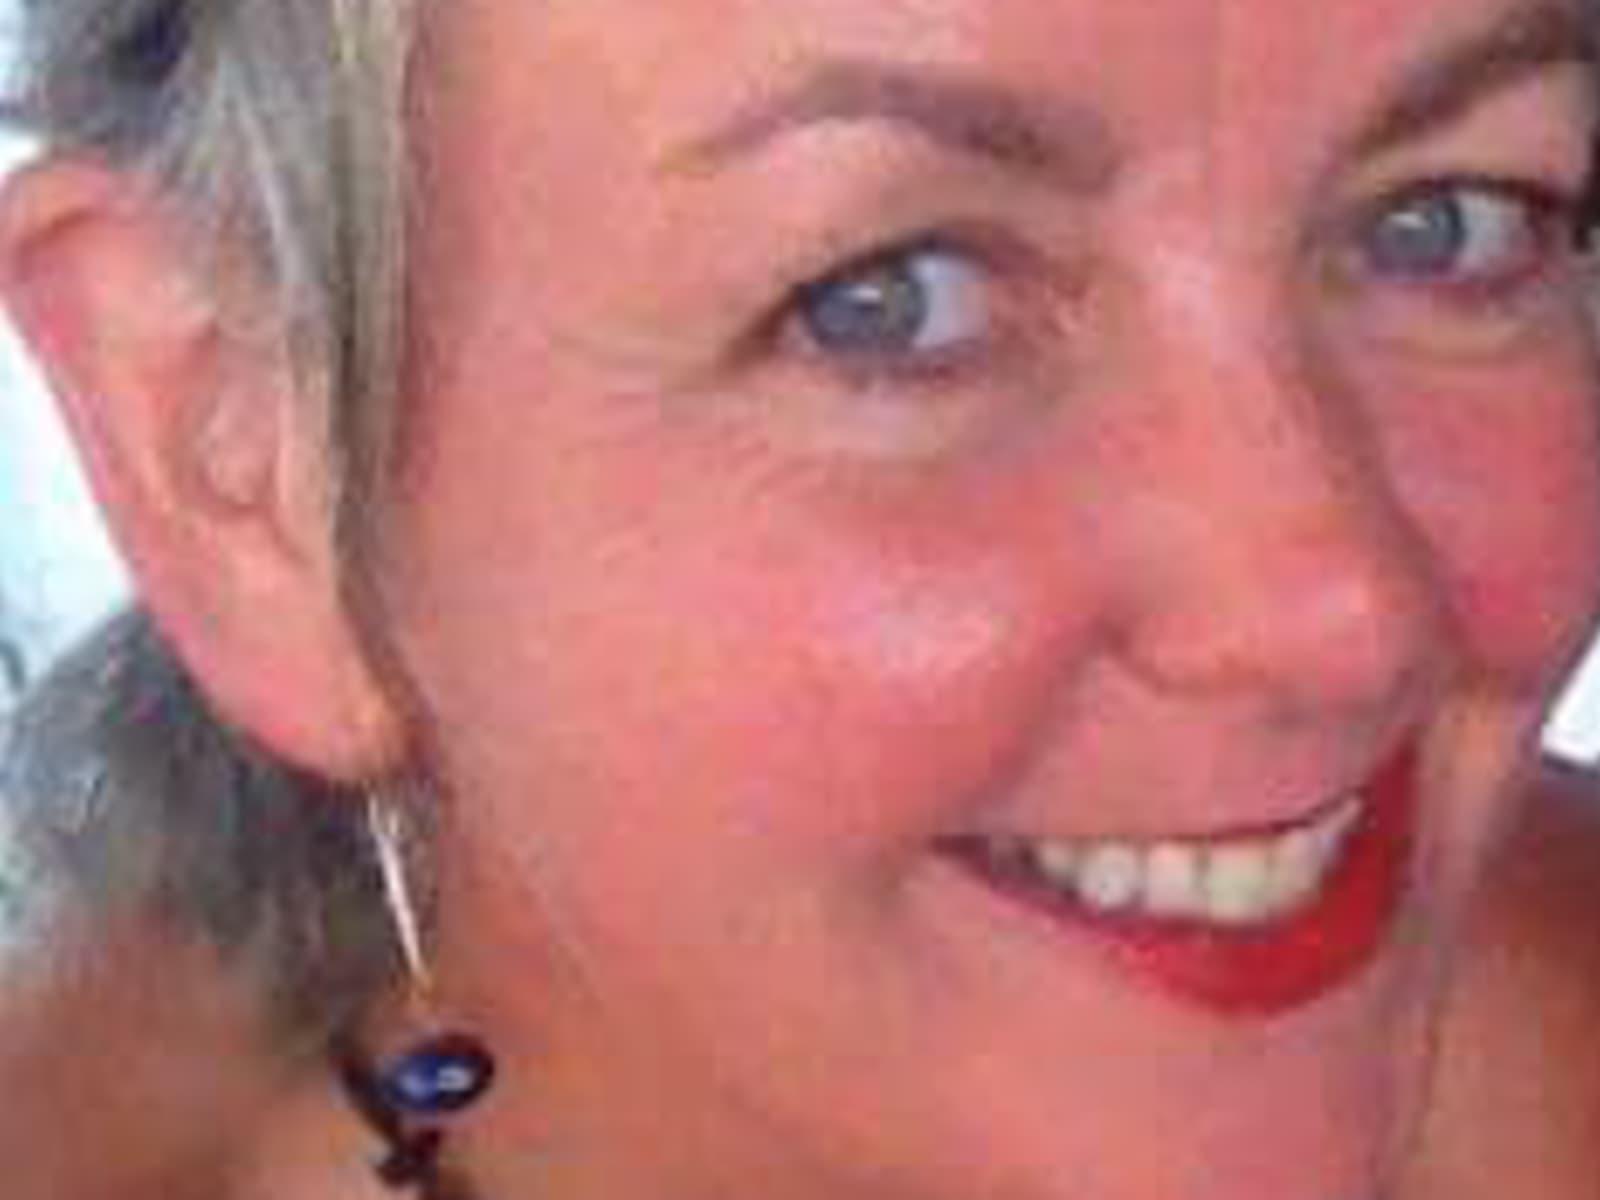 Helen from Copan, Ireland